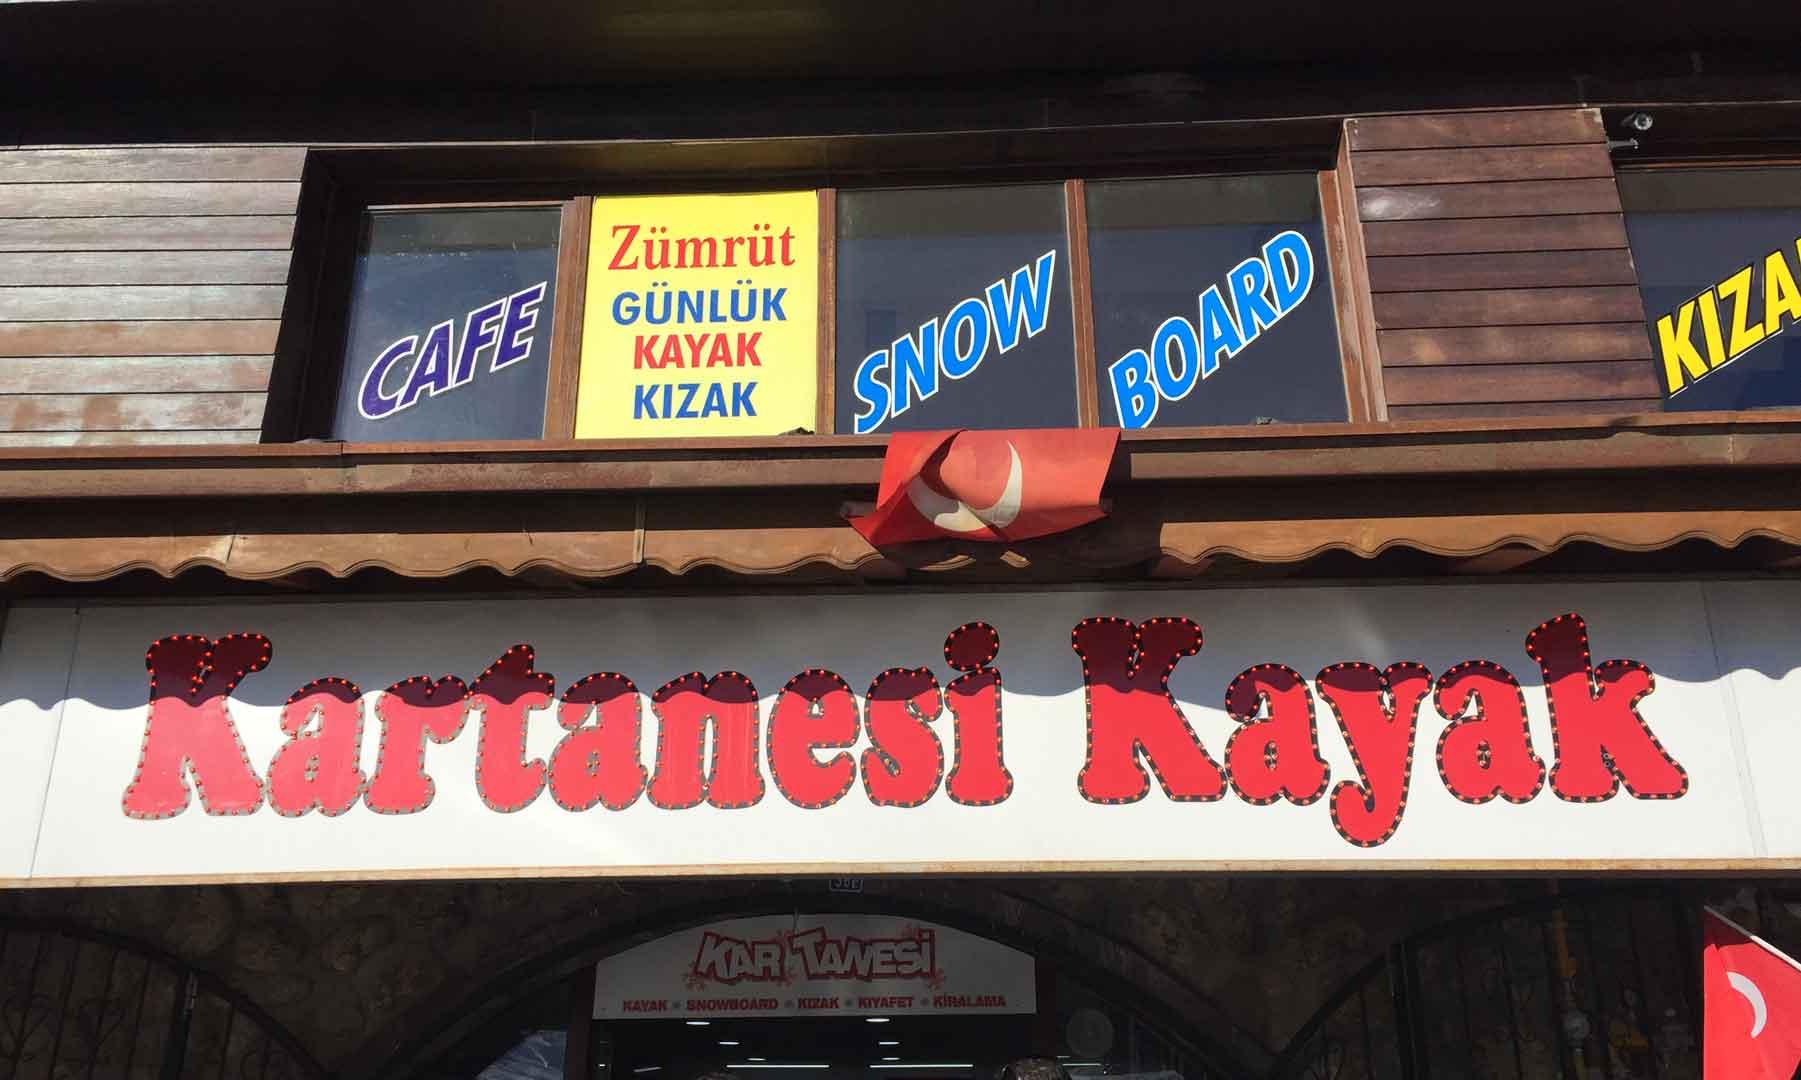 Kartanesi - Kayak Evi - Erciyes - Snowboard - Kayak - Kızak - Kar Montu - Kayak Malzemeleri